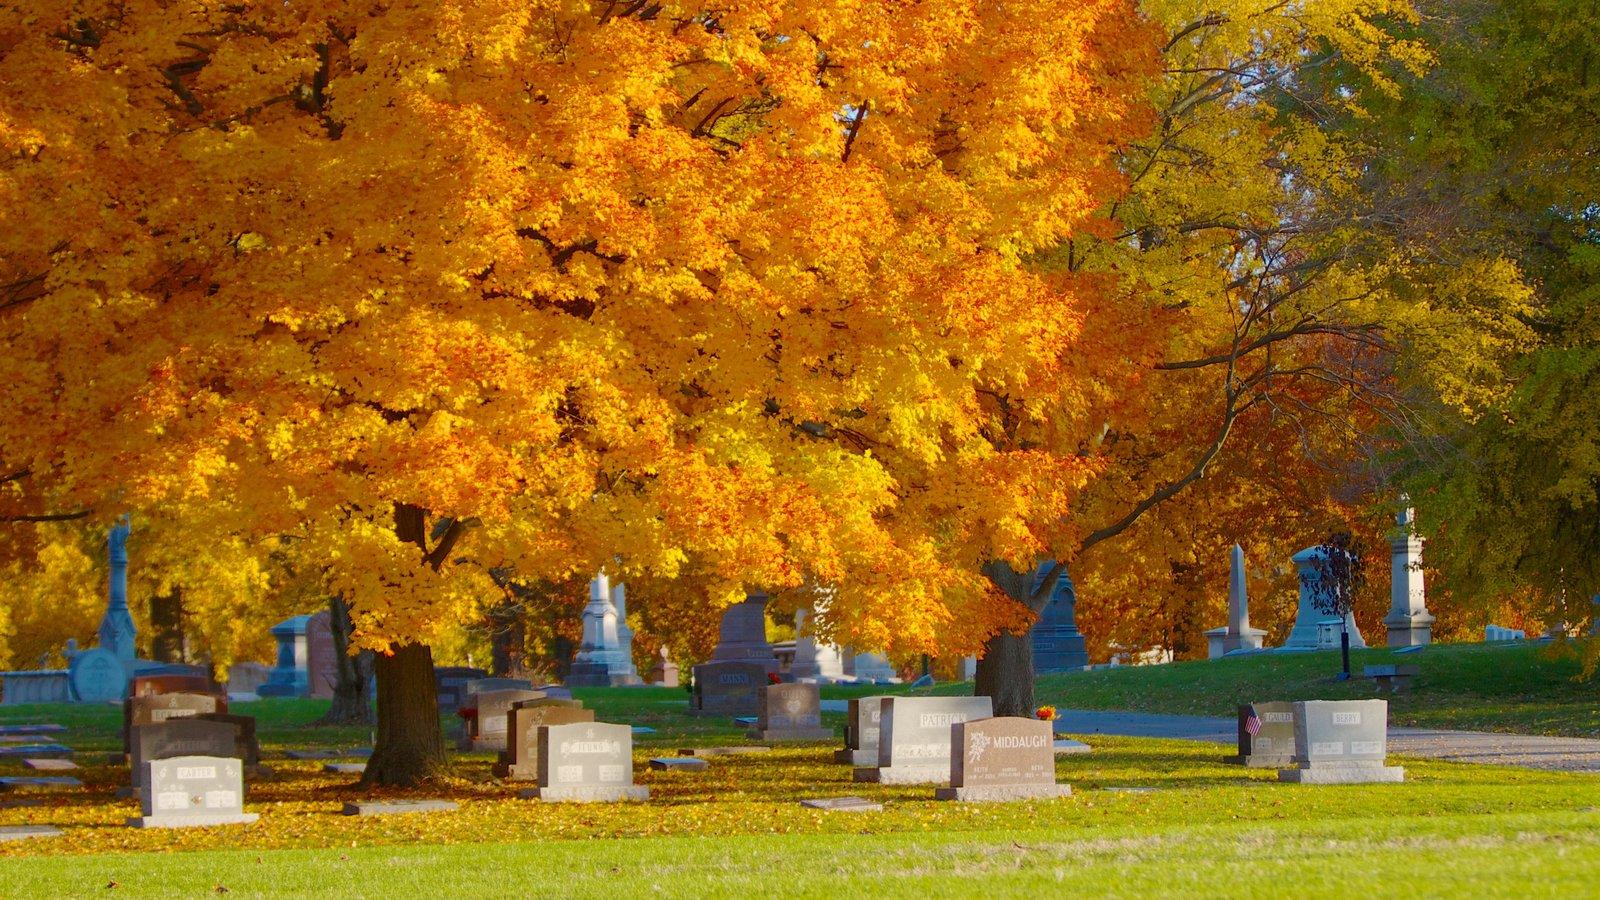 Crown Hill Cemetery mostrando un cementerio, un parque y hojas de otoño